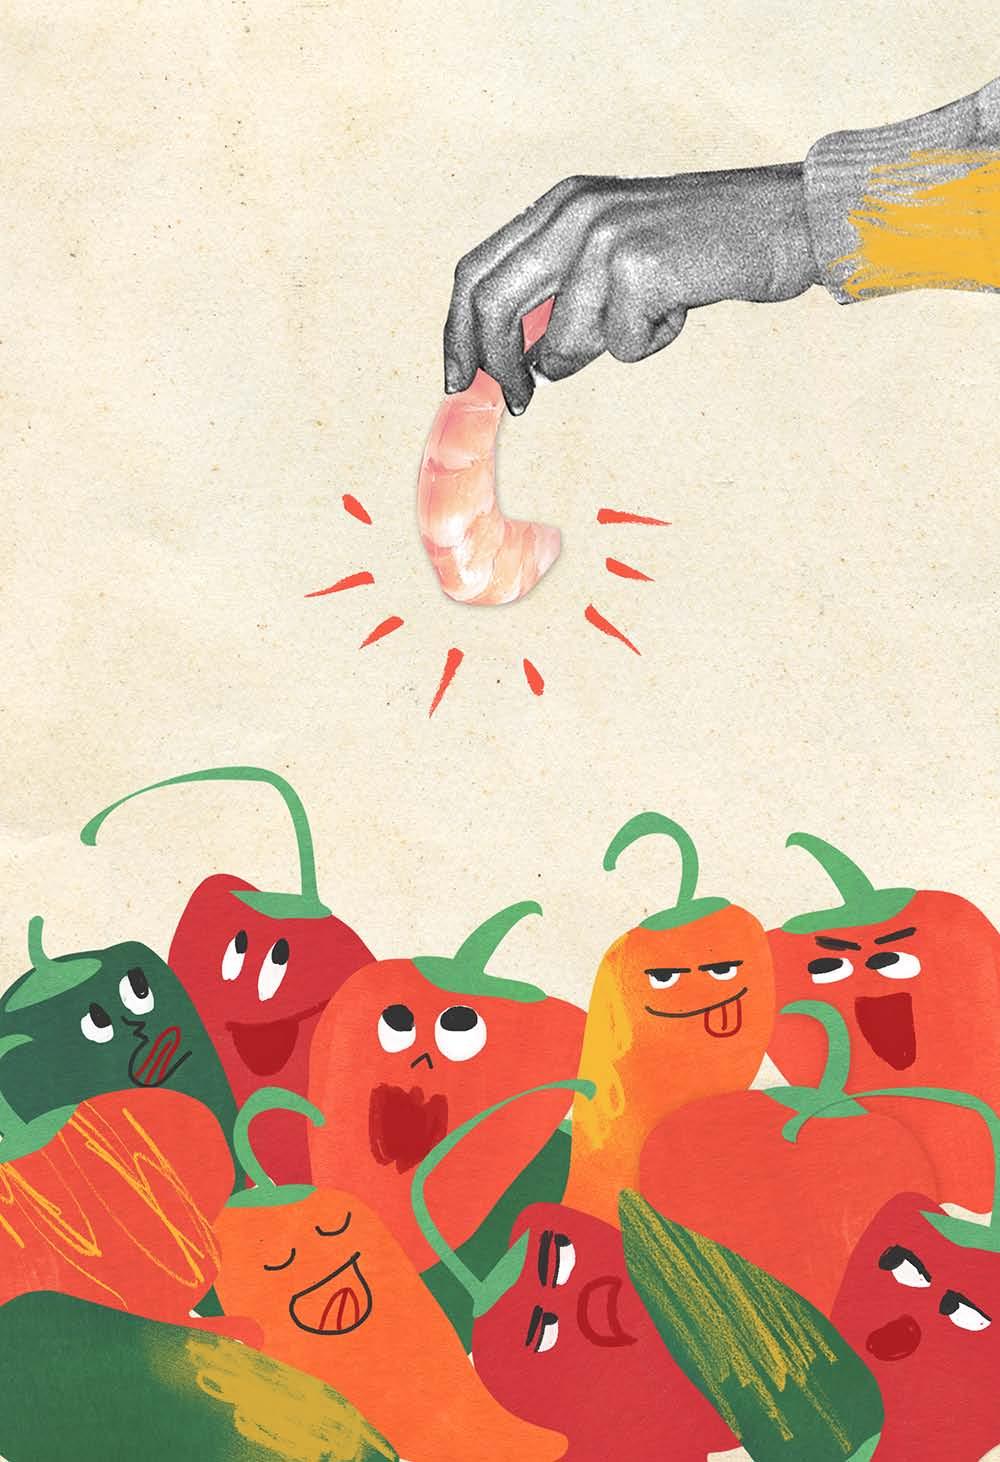 Peppers - NN130